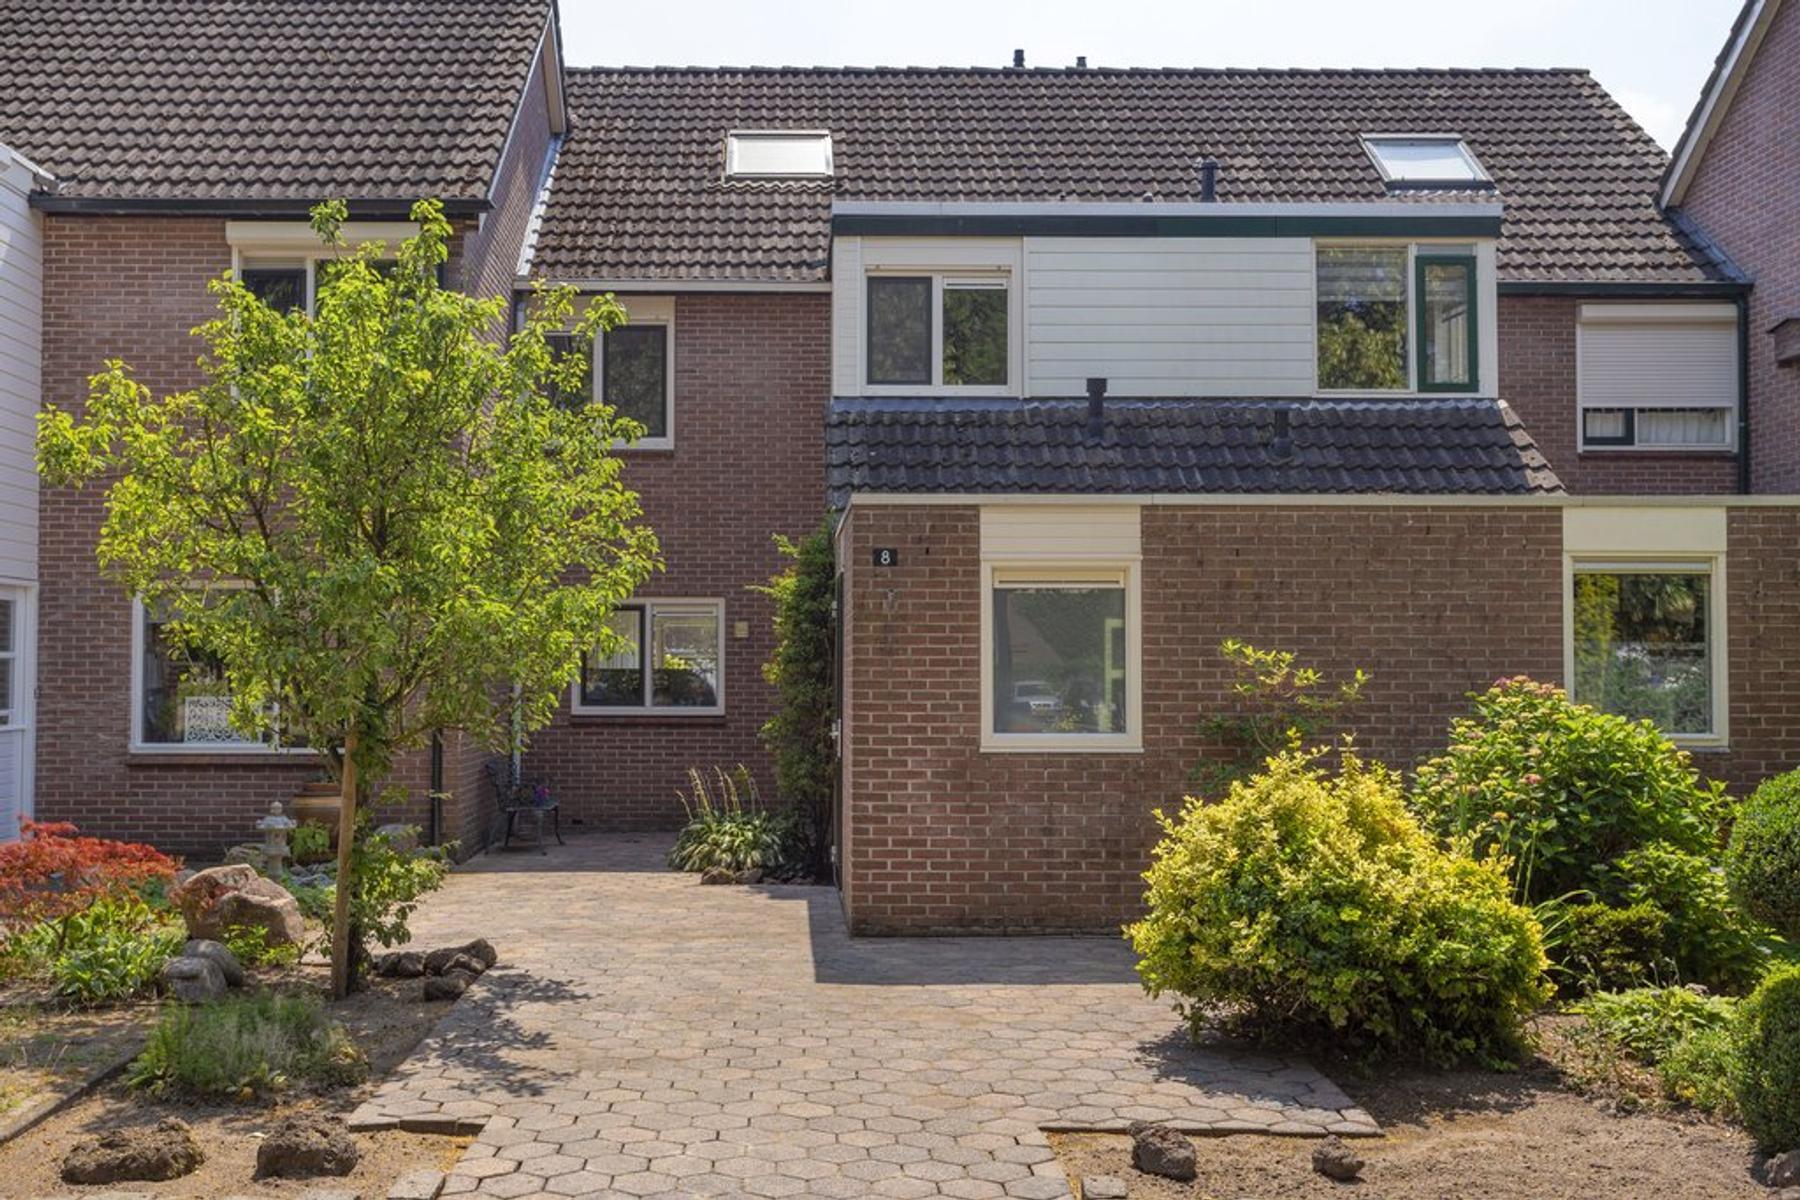 Vivaldistraat 8 in Nijverdal 7442 GN